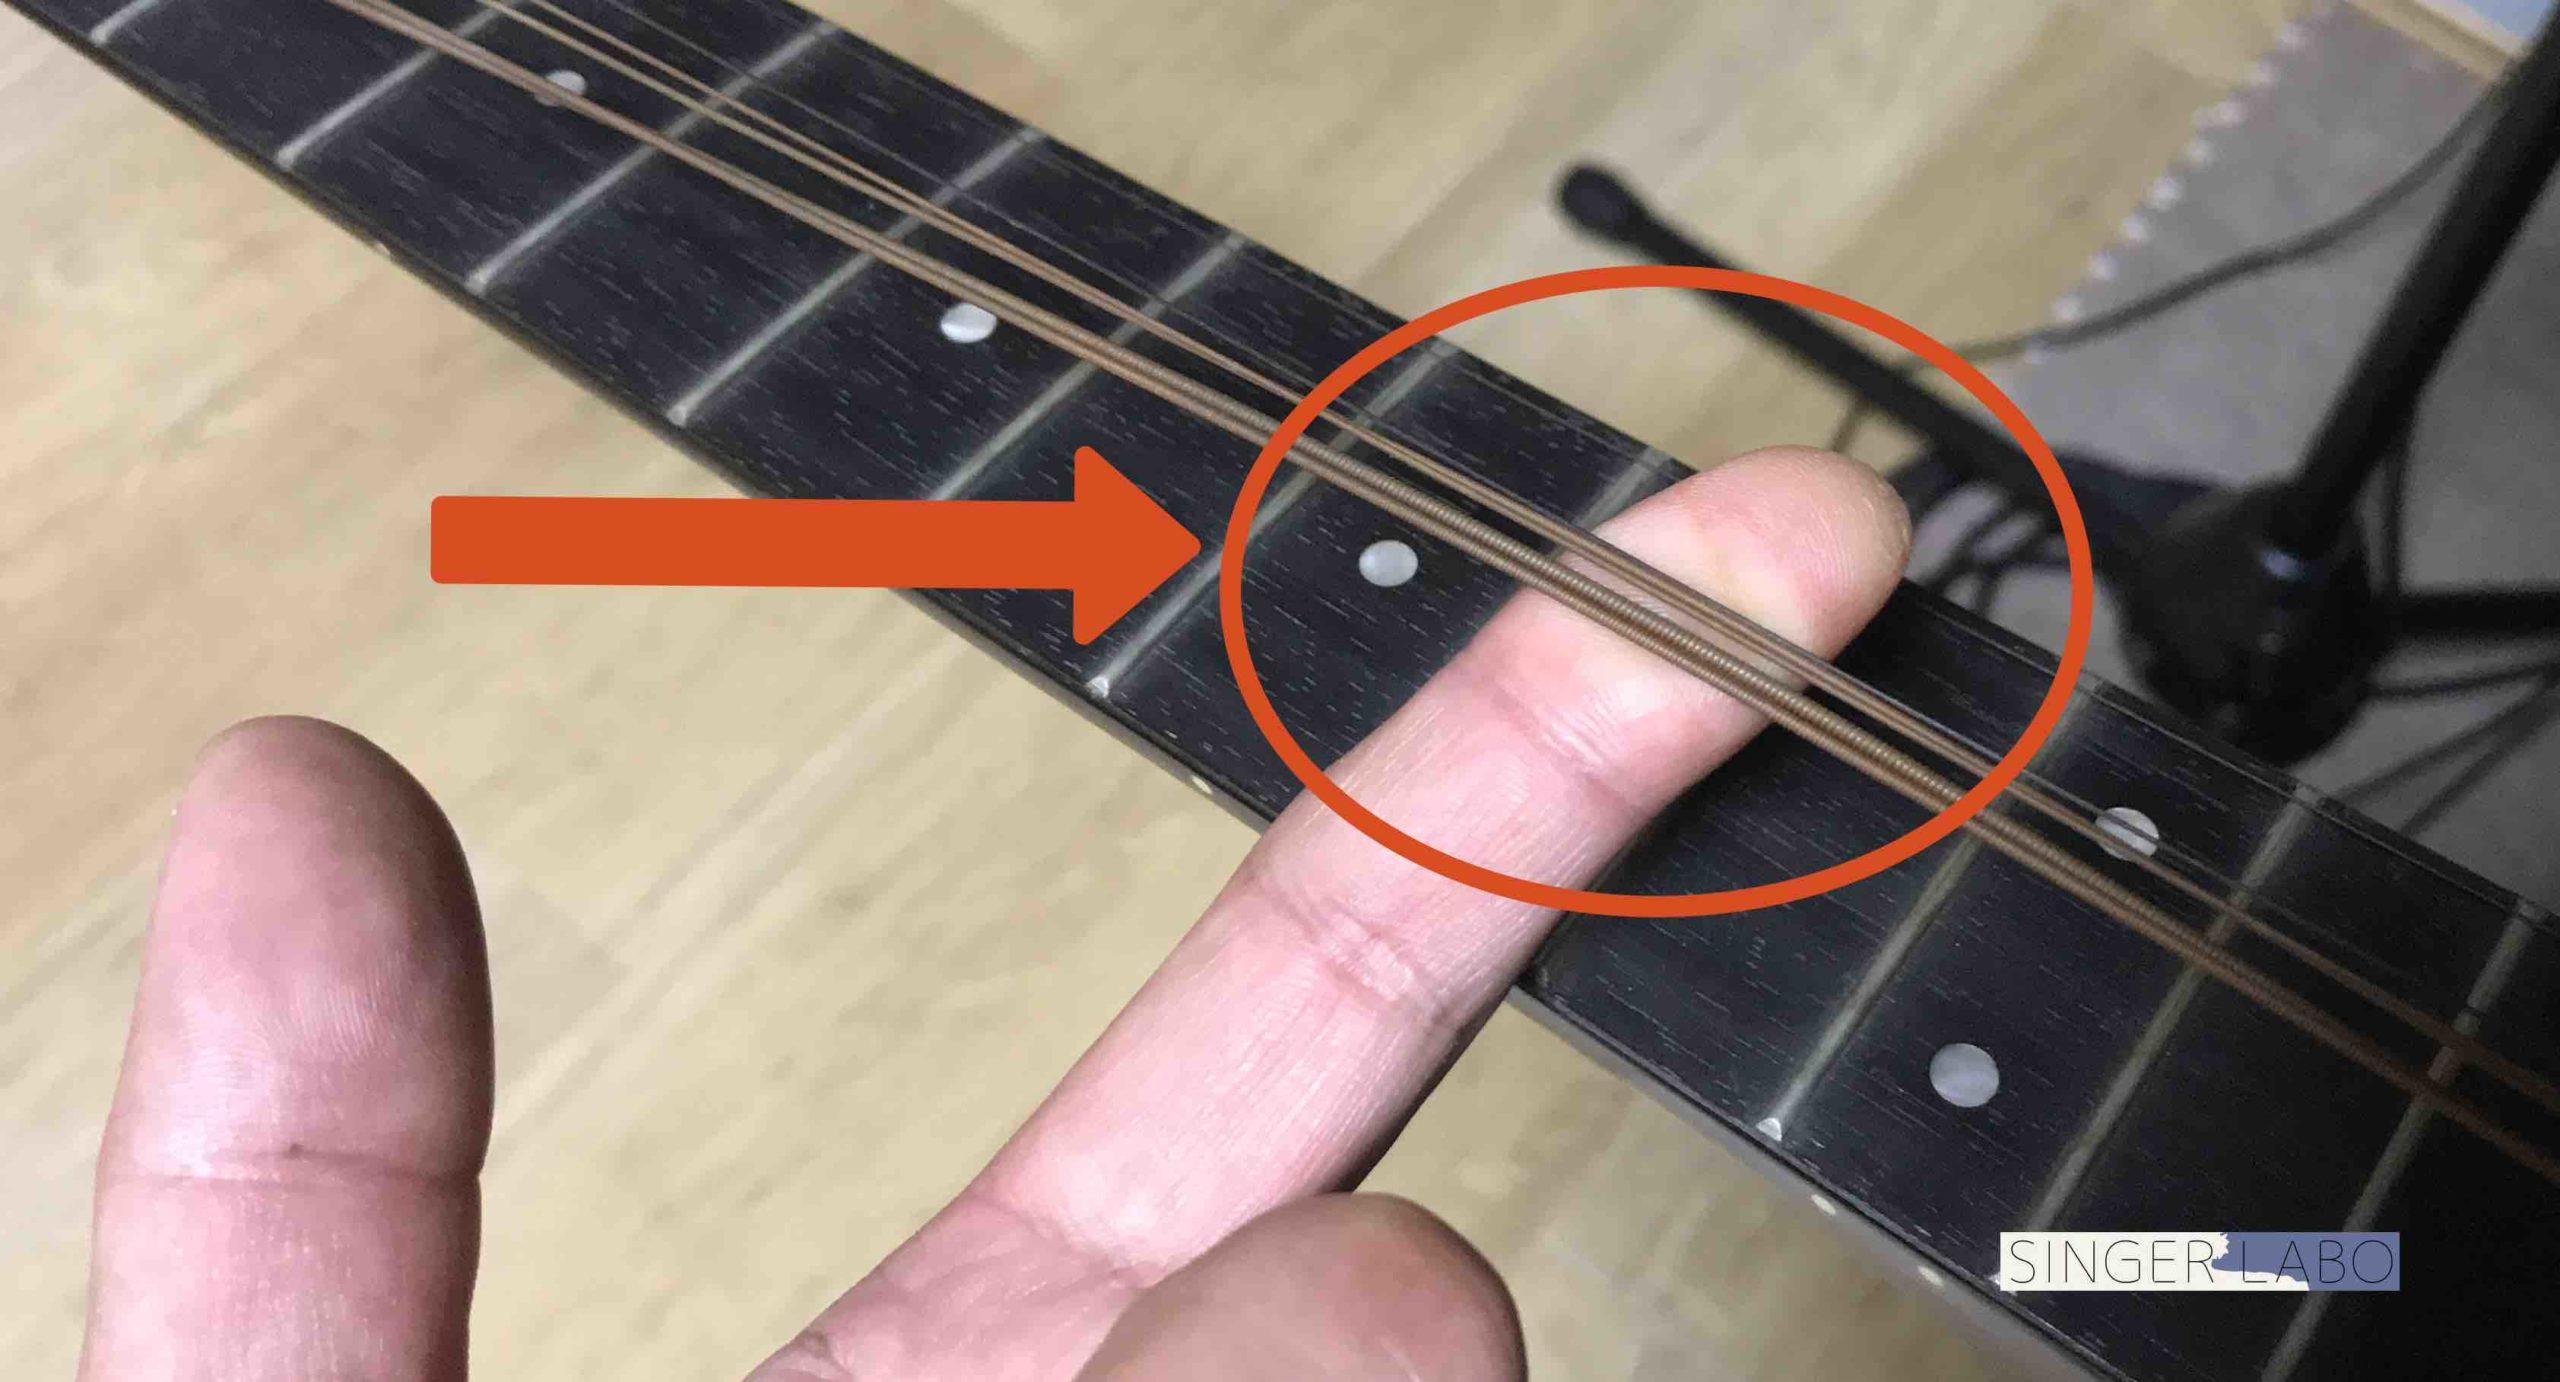 ギター弦交換手順①: ギターの弦を緩める